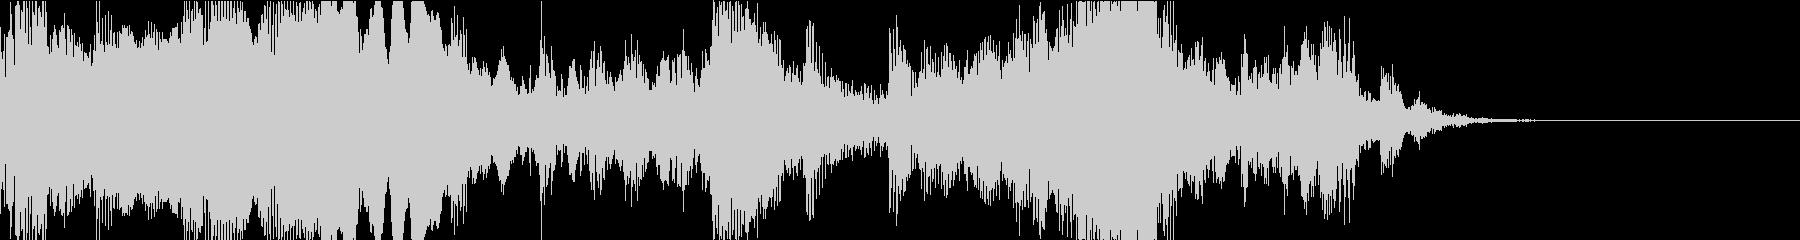 ダークなクラシックジングルの未再生の波形